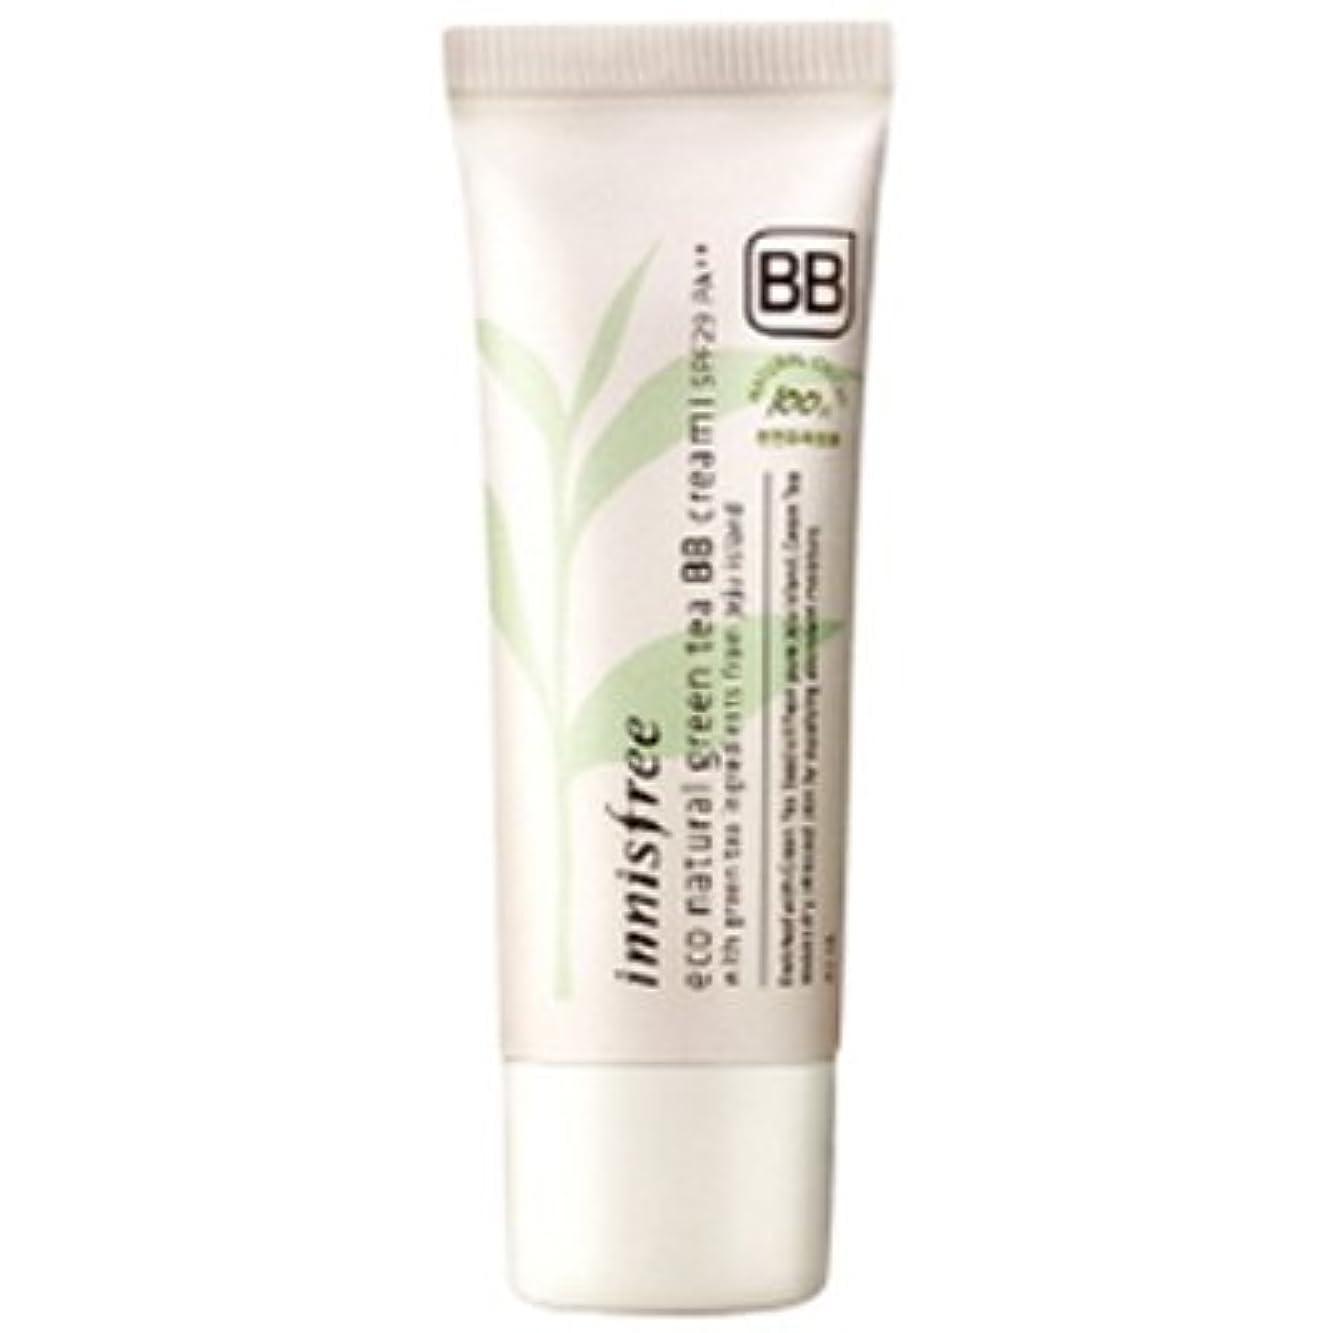 酸素ページ代わりにinnisfree(イニスフリー) Eco natural green tea BB cream エコ ナチュラル グリーン ティー BB クリーム SPF29/PA++ 40ml #1:ライトベージュ